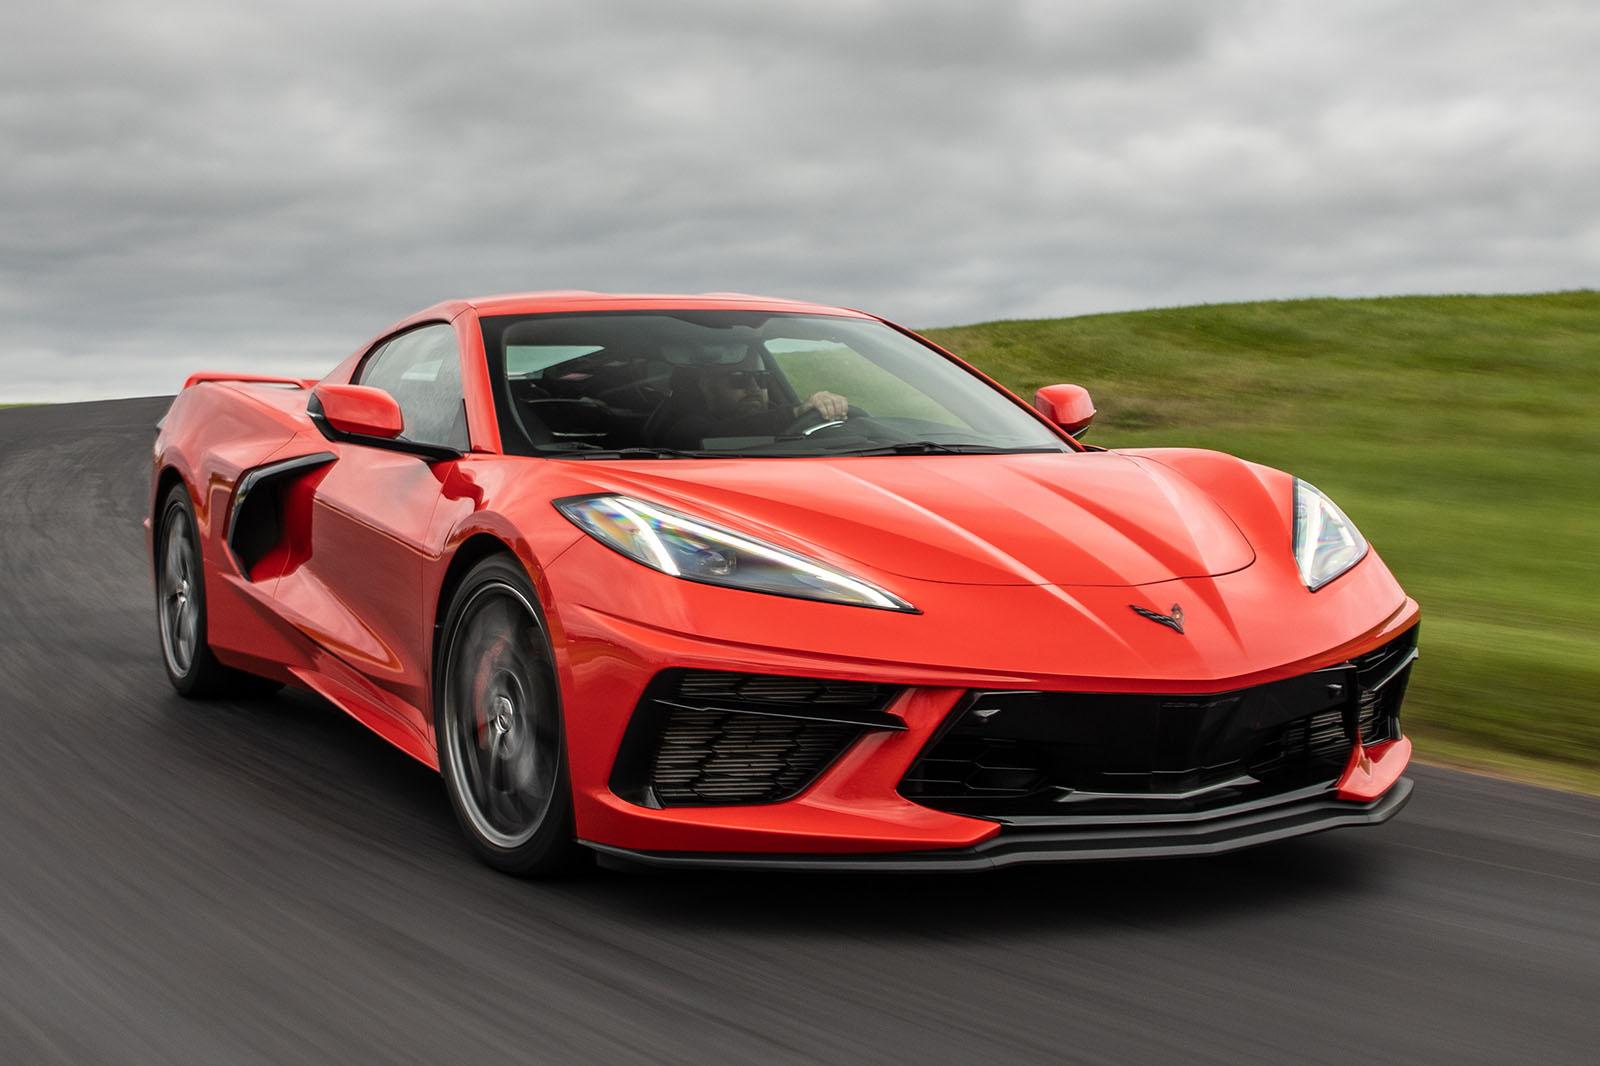 Kelebihan Kekurangan Corvette C8 2019 Perbandingan Harga